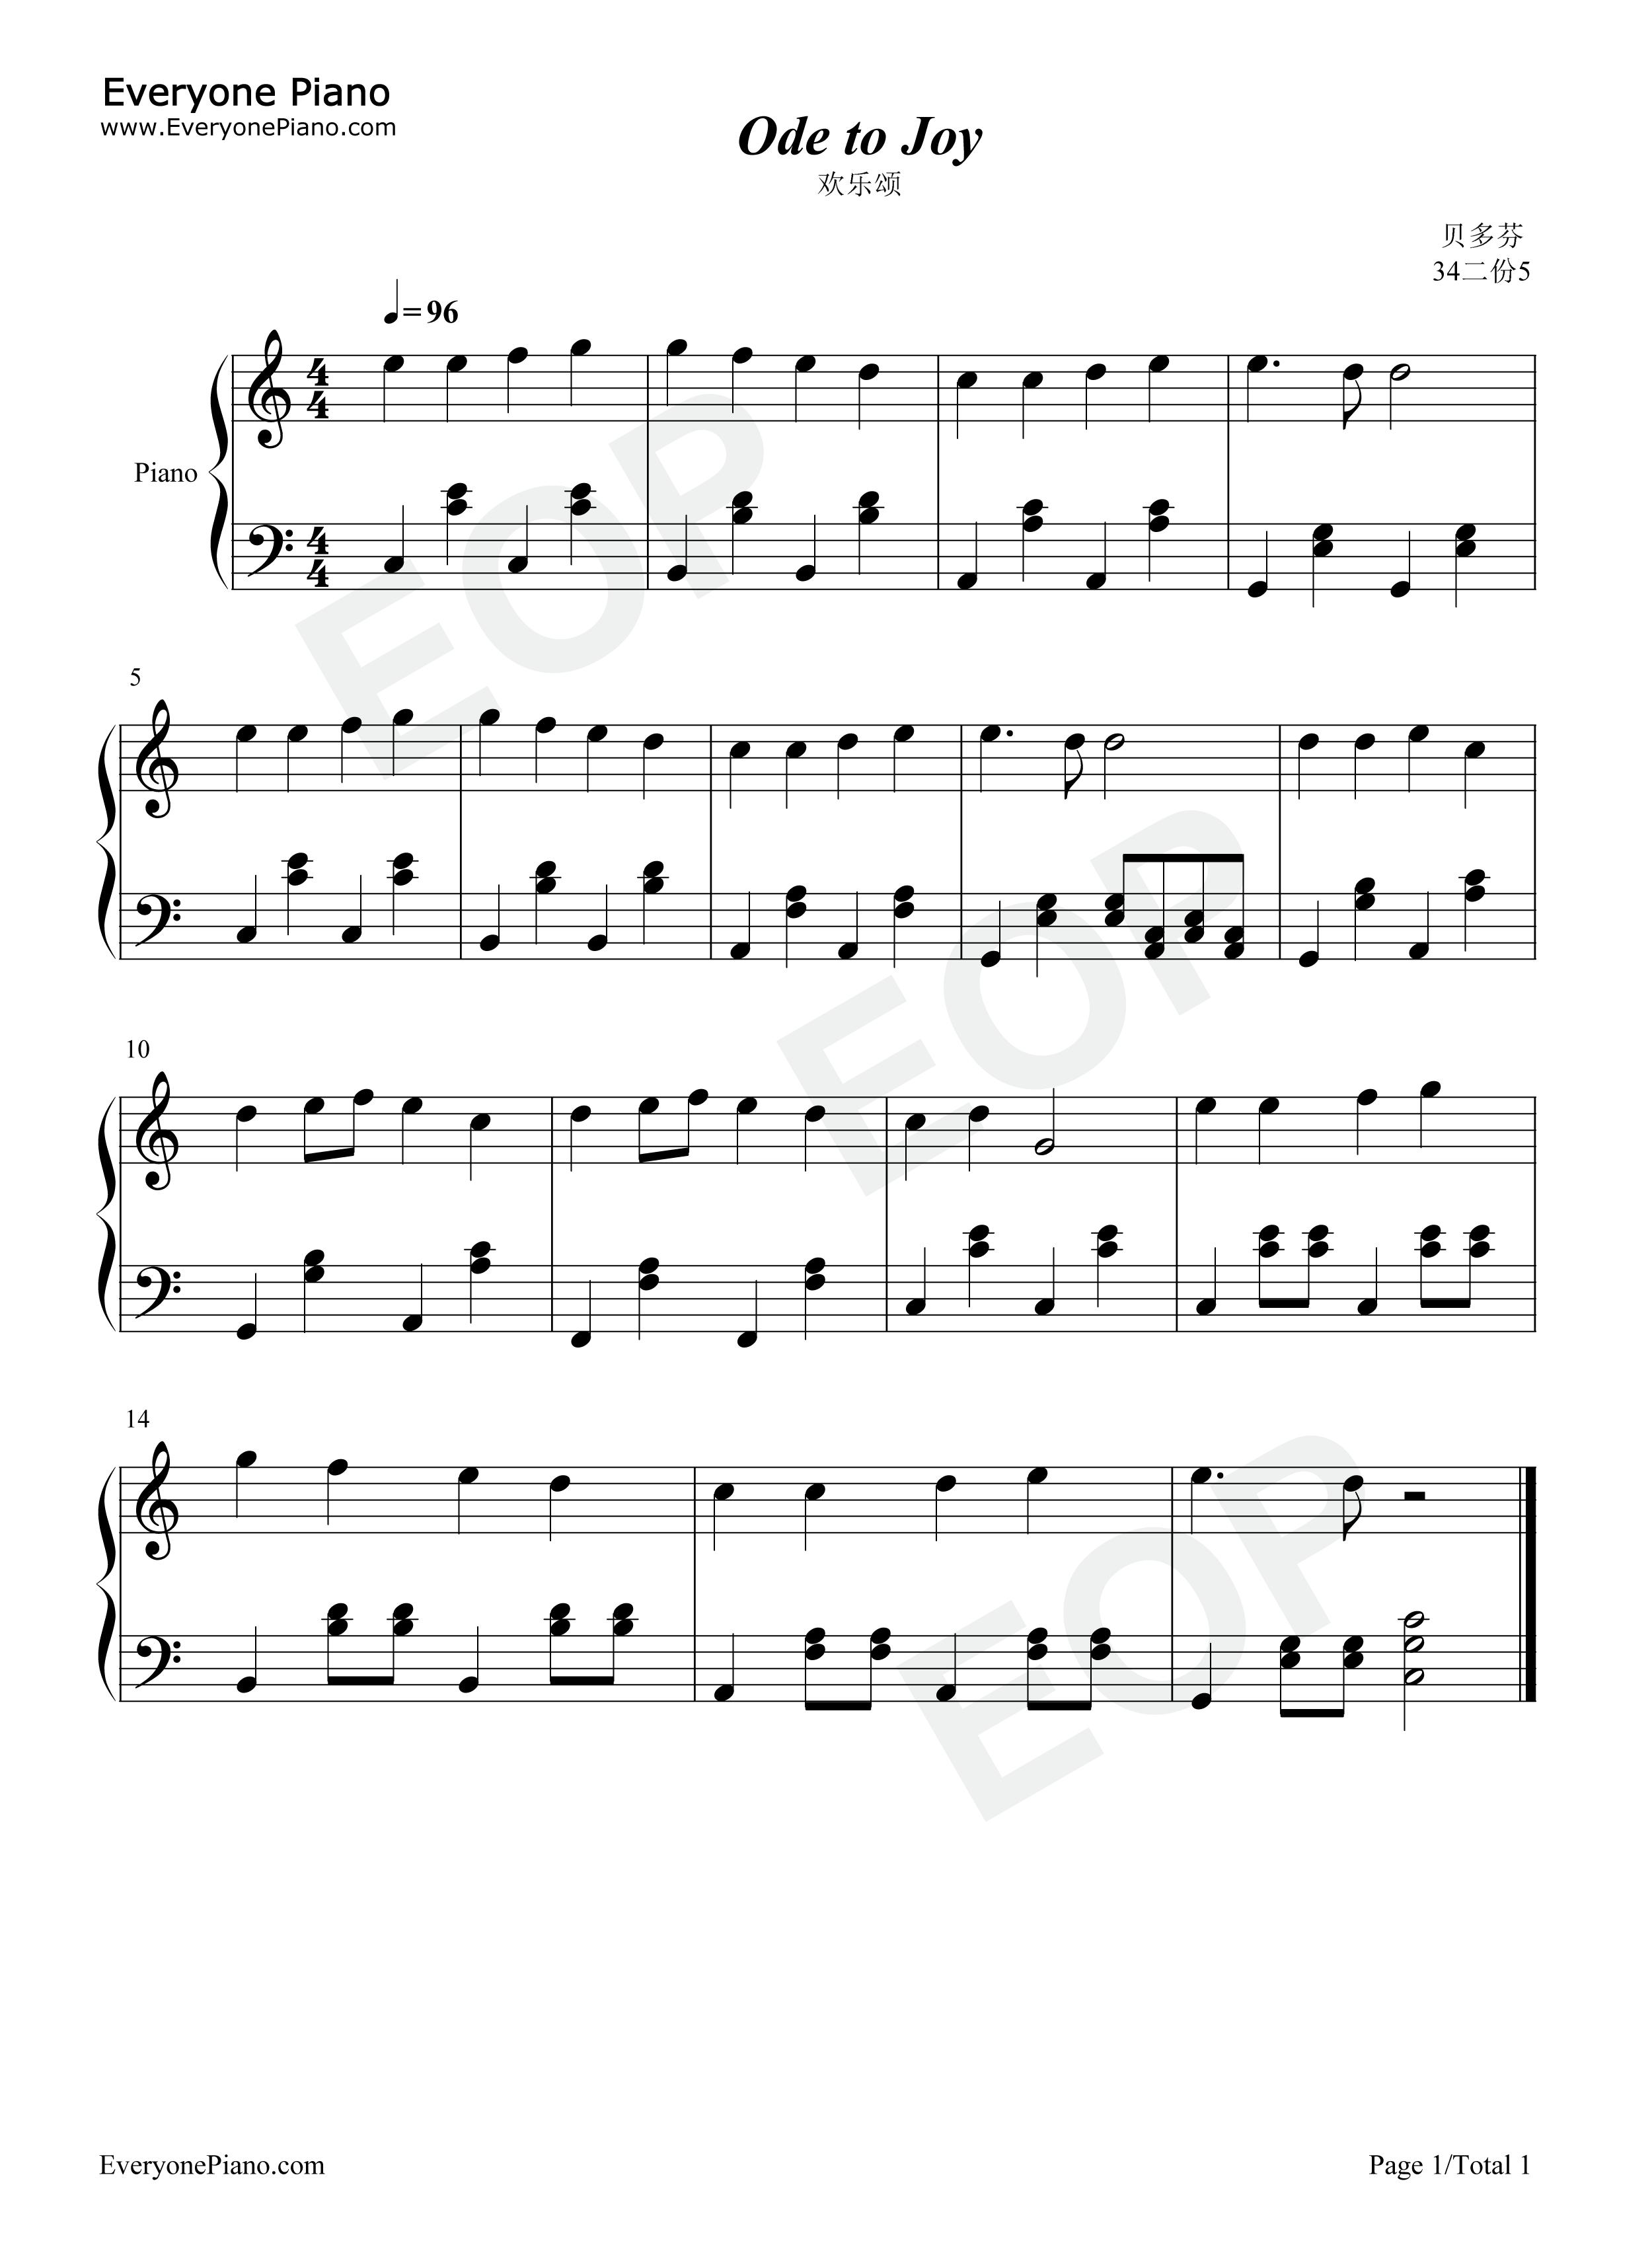 钢琴曲谱 练习曲 欢乐颂-song of joy 欢乐颂-song of joy五线谱预览1